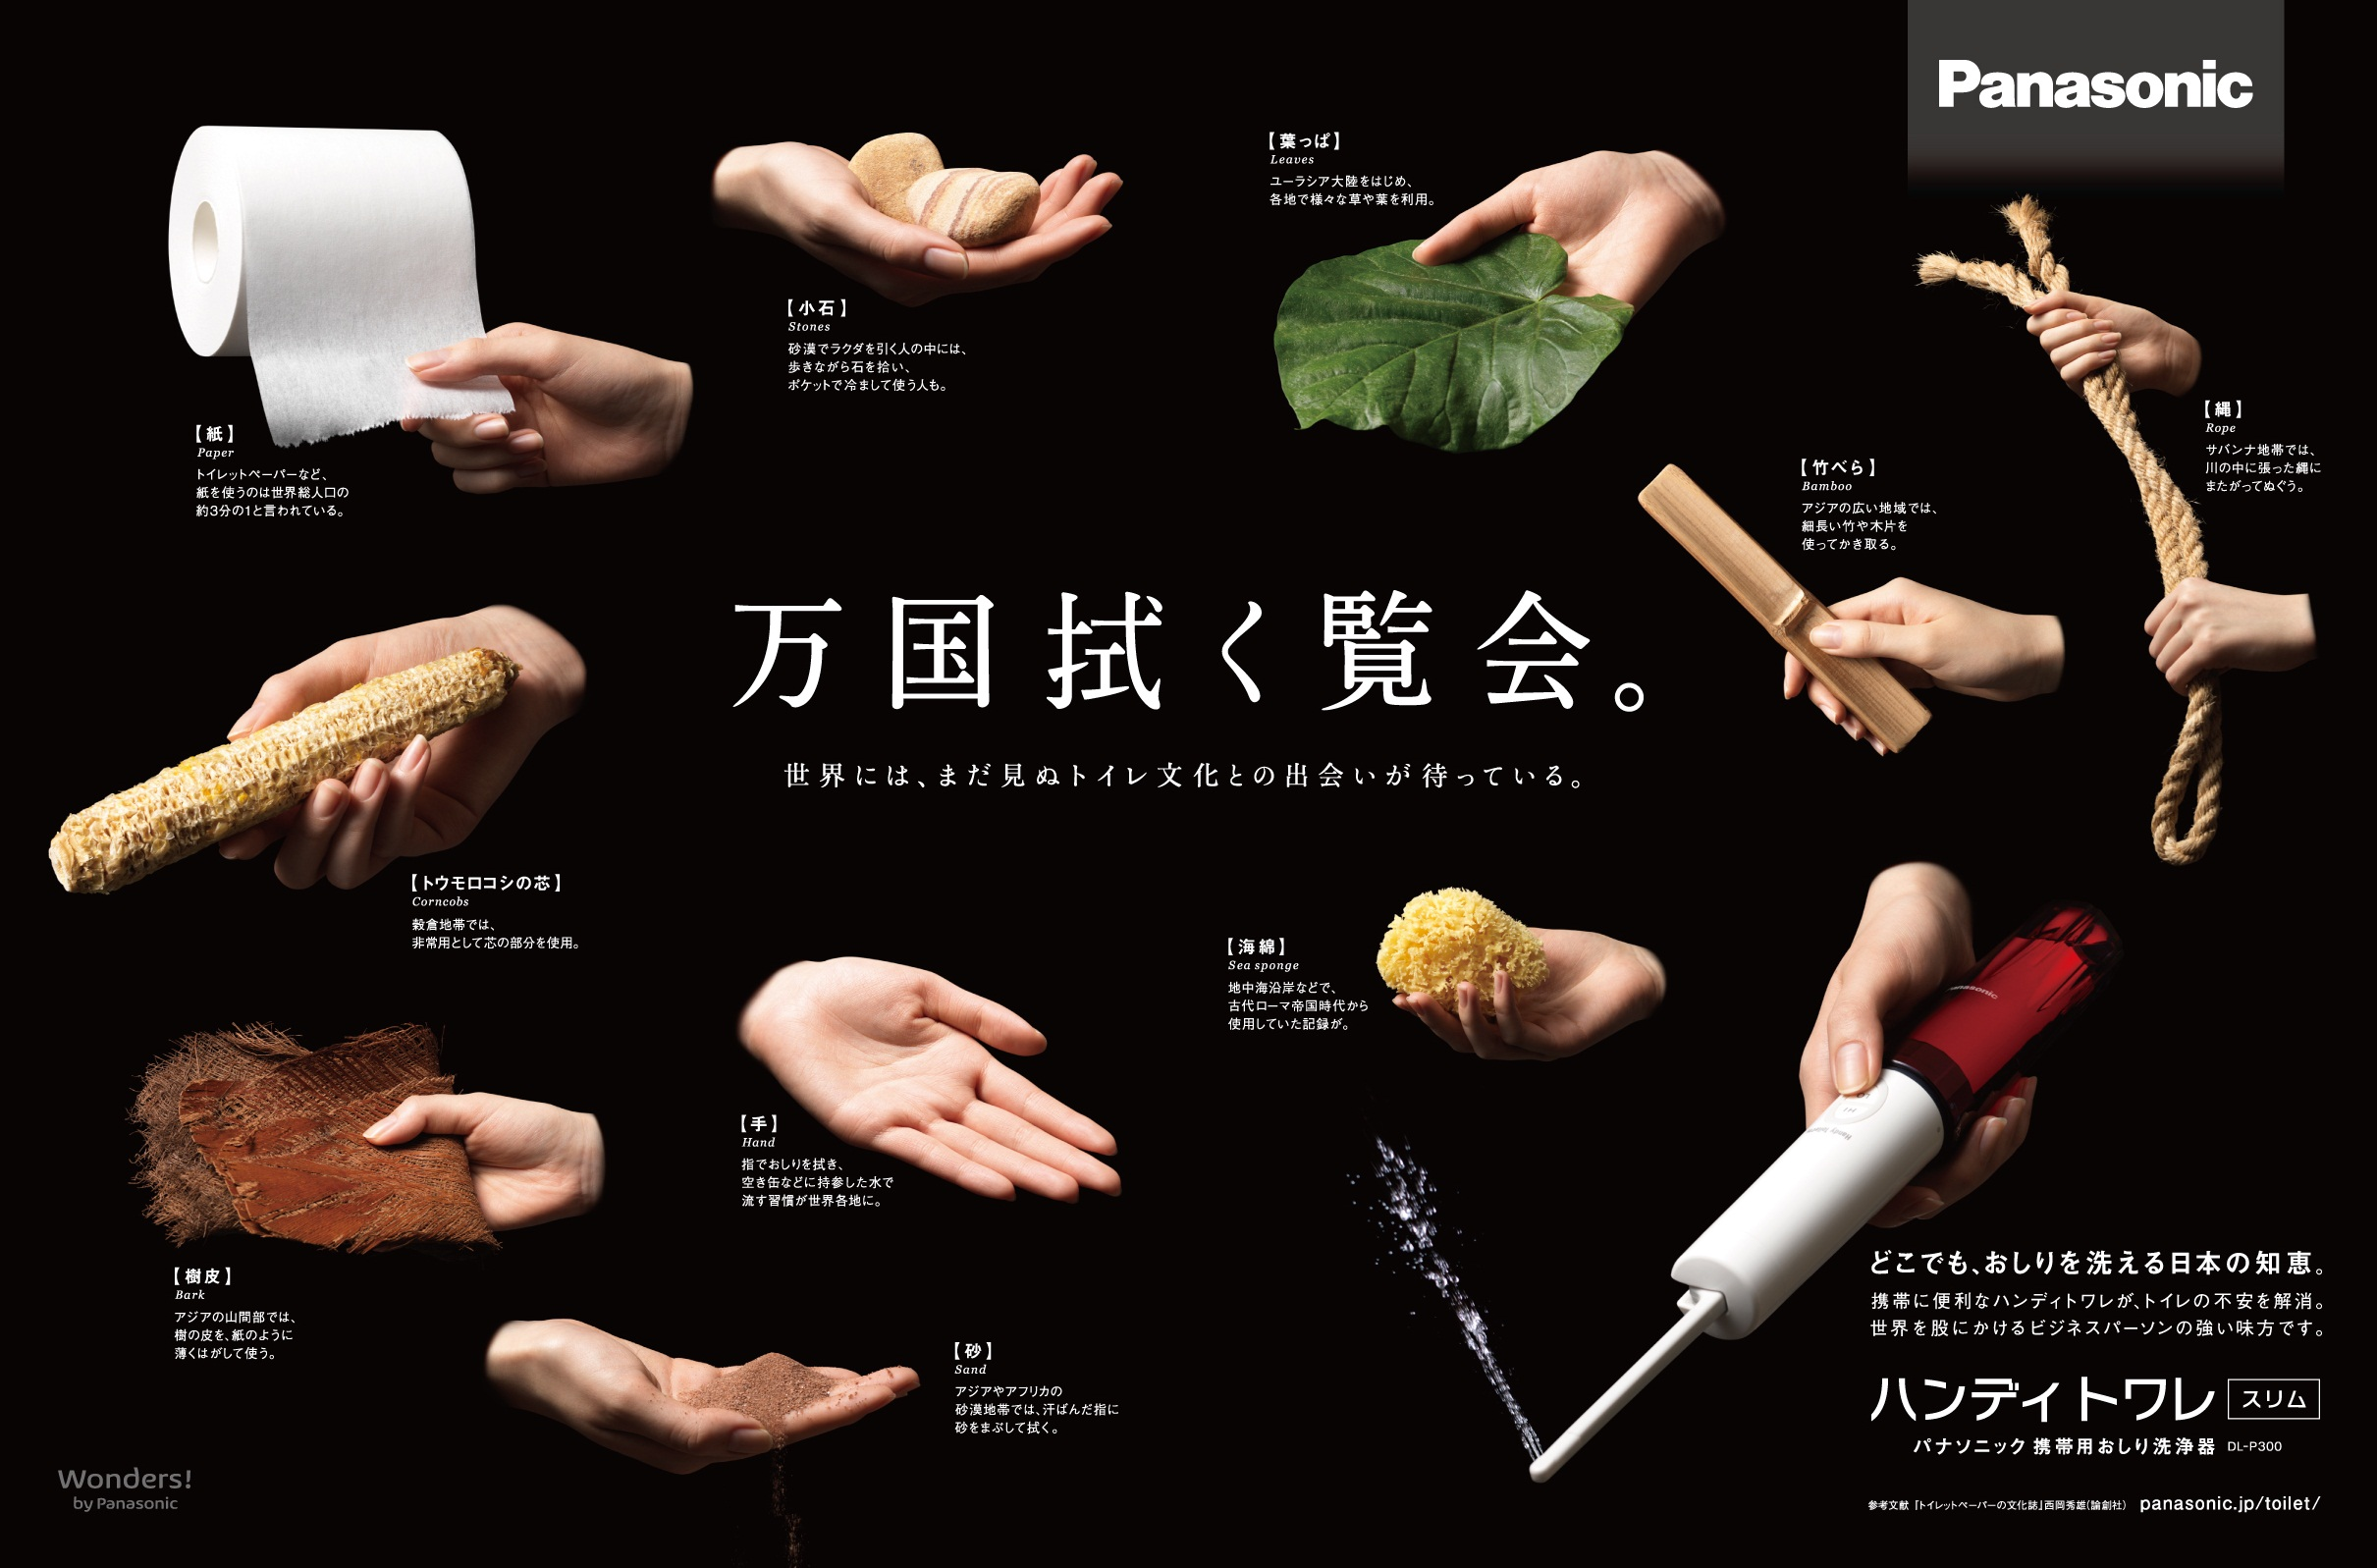 経済産業大臣賞を受賞した携帯用おしり洗浄器「ハンディトワレ スリム」の広告